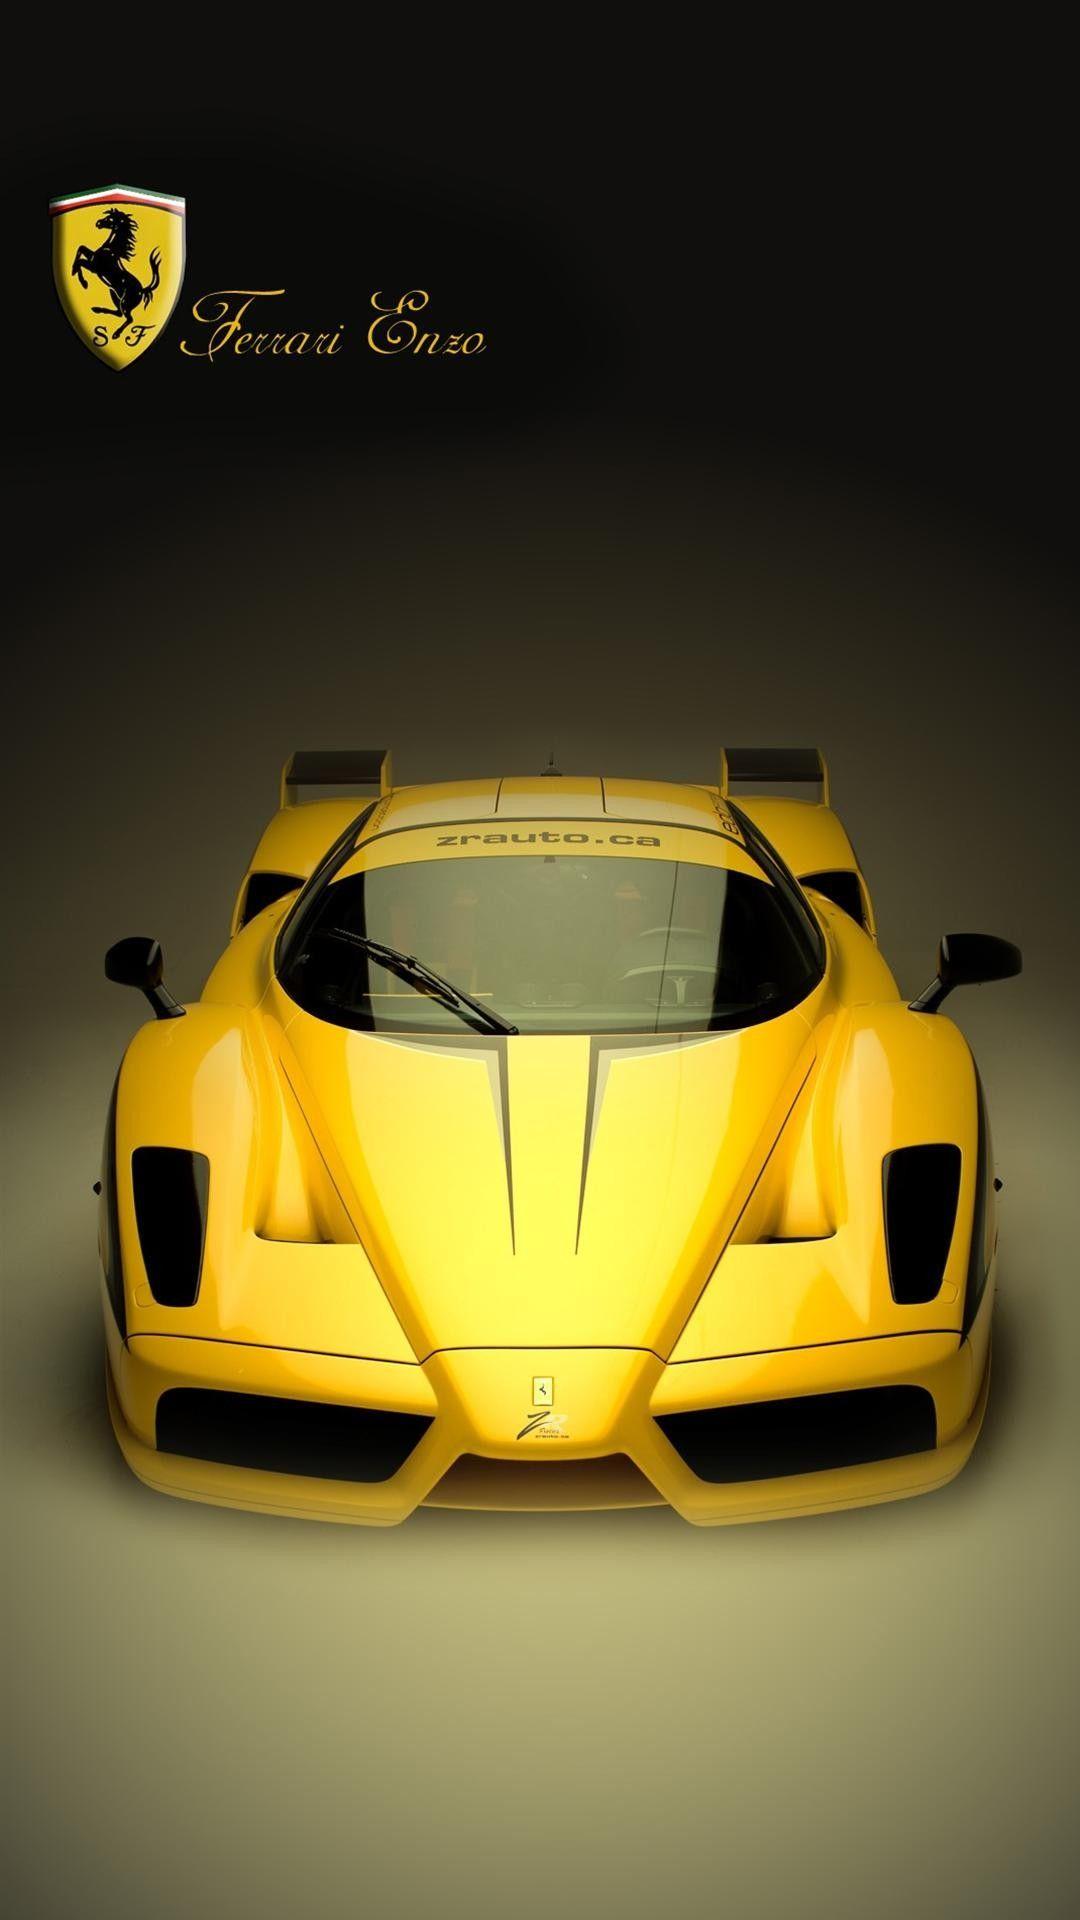 黄色いフェラーリ Iphonex スマホ壁紙 待受画像ギャラリー フェラーリ スポーツカー すごい車